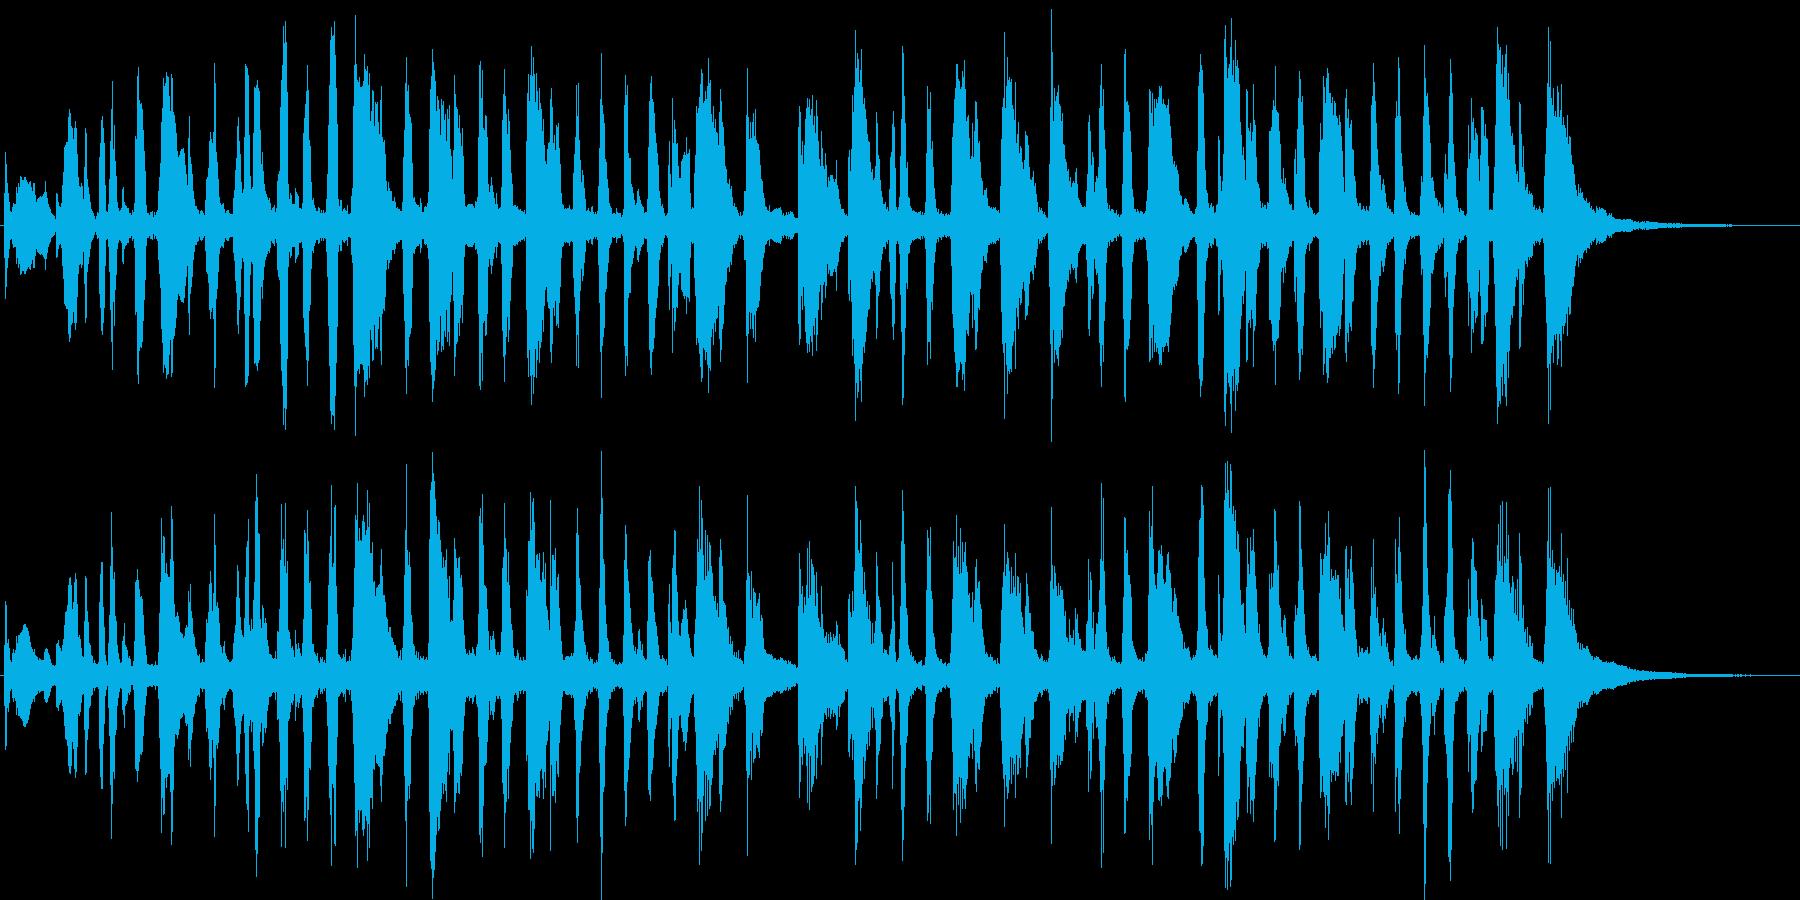 ブラス+打楽器=ファンファーレで整列の再生済みの波形